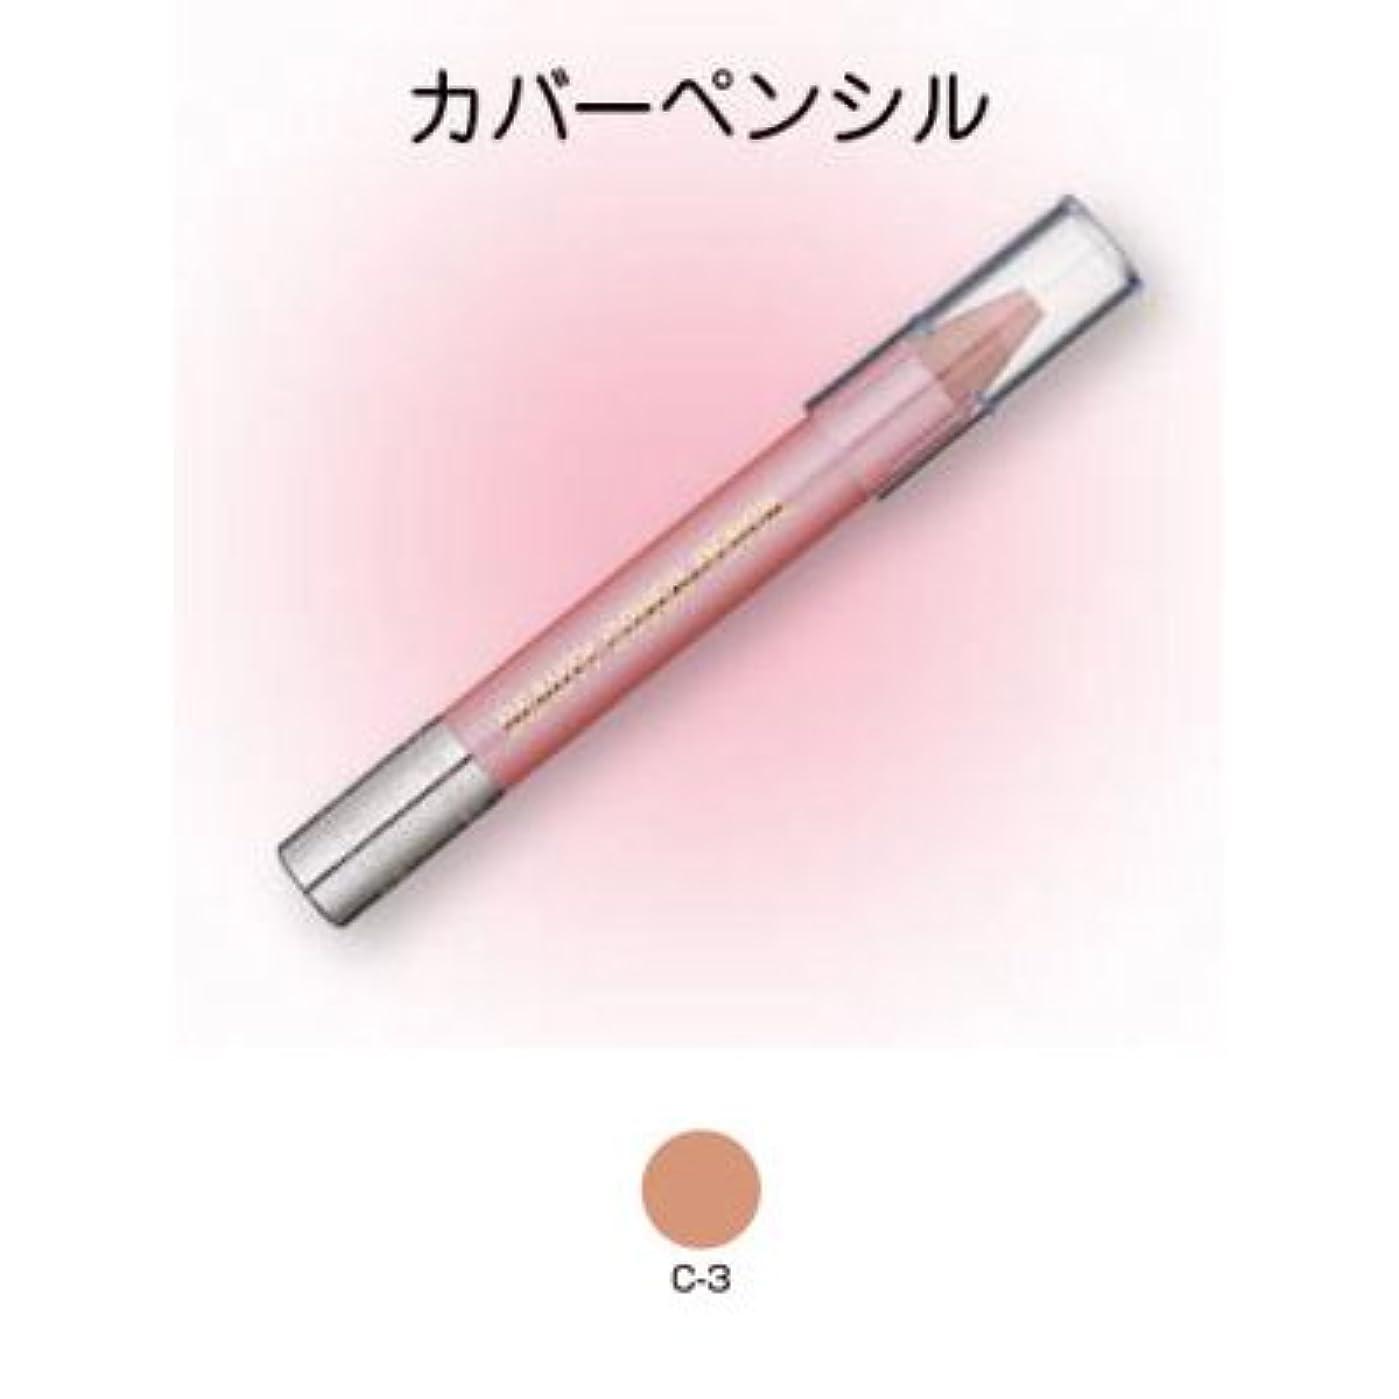 刑務所粘着性テラスビューティーカバーペンシル C-3【三善】